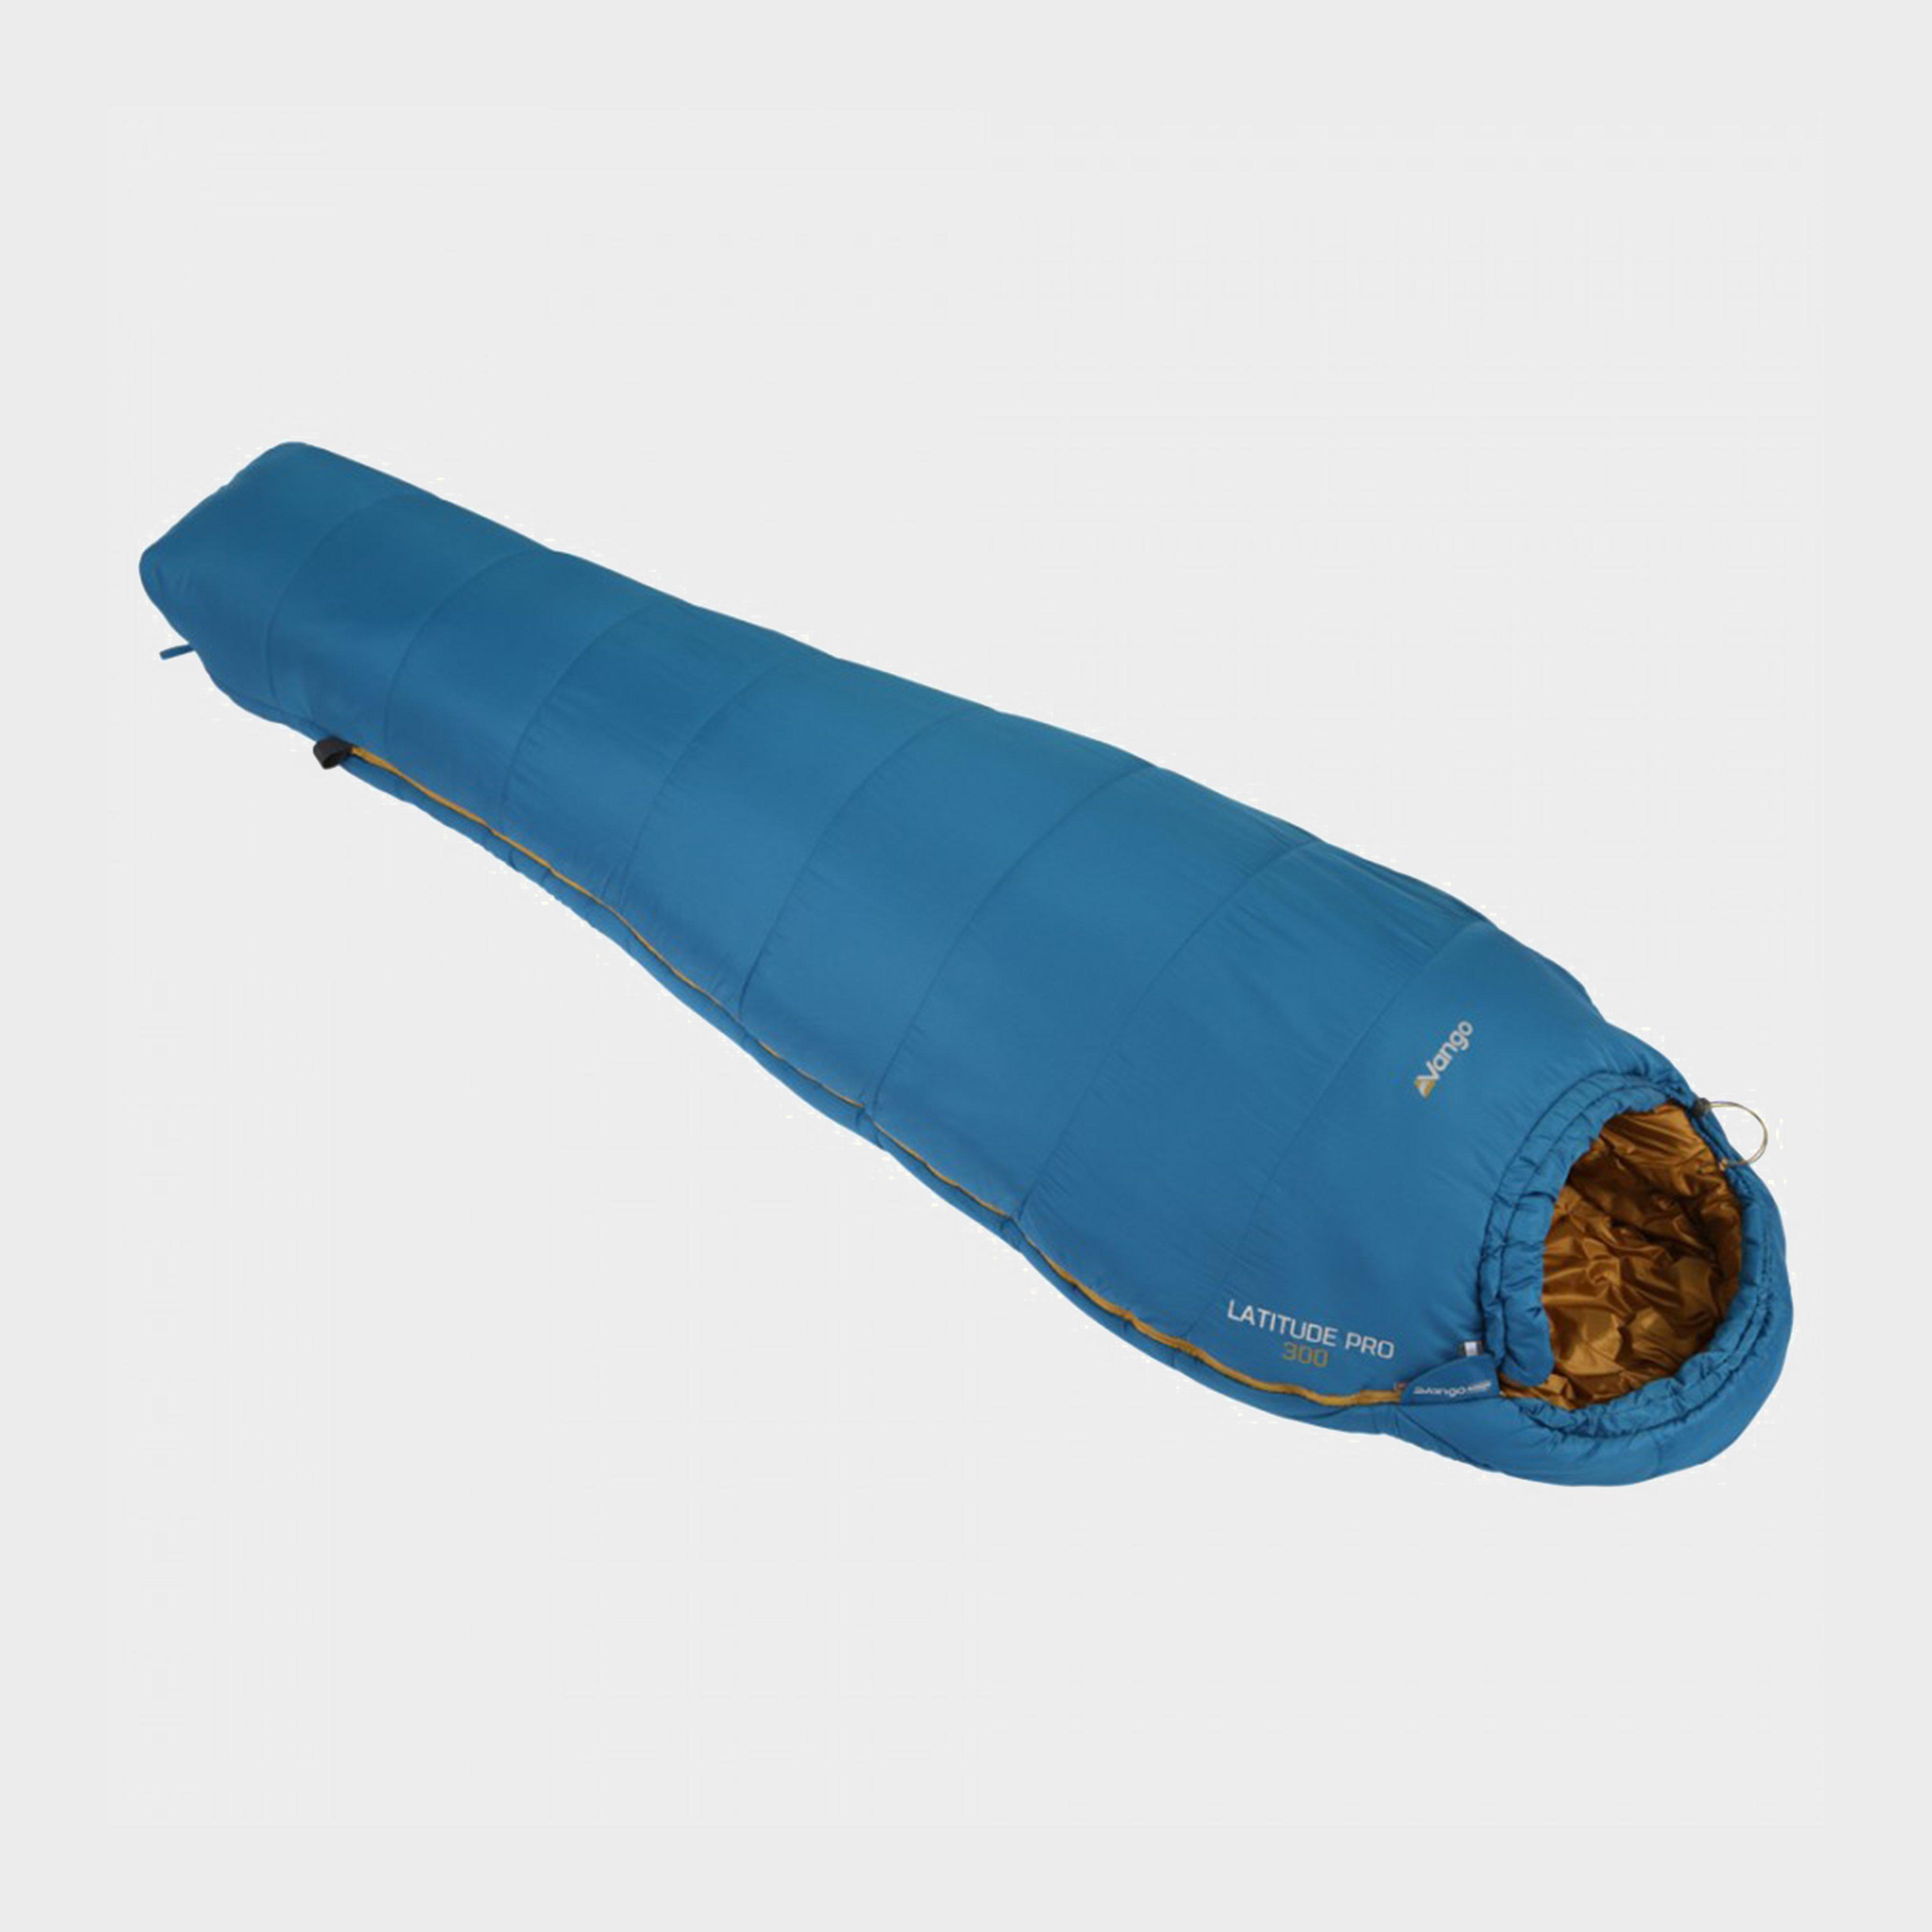 Vango Latitude Pro 300 Sleeping Bag, Blue/BLU